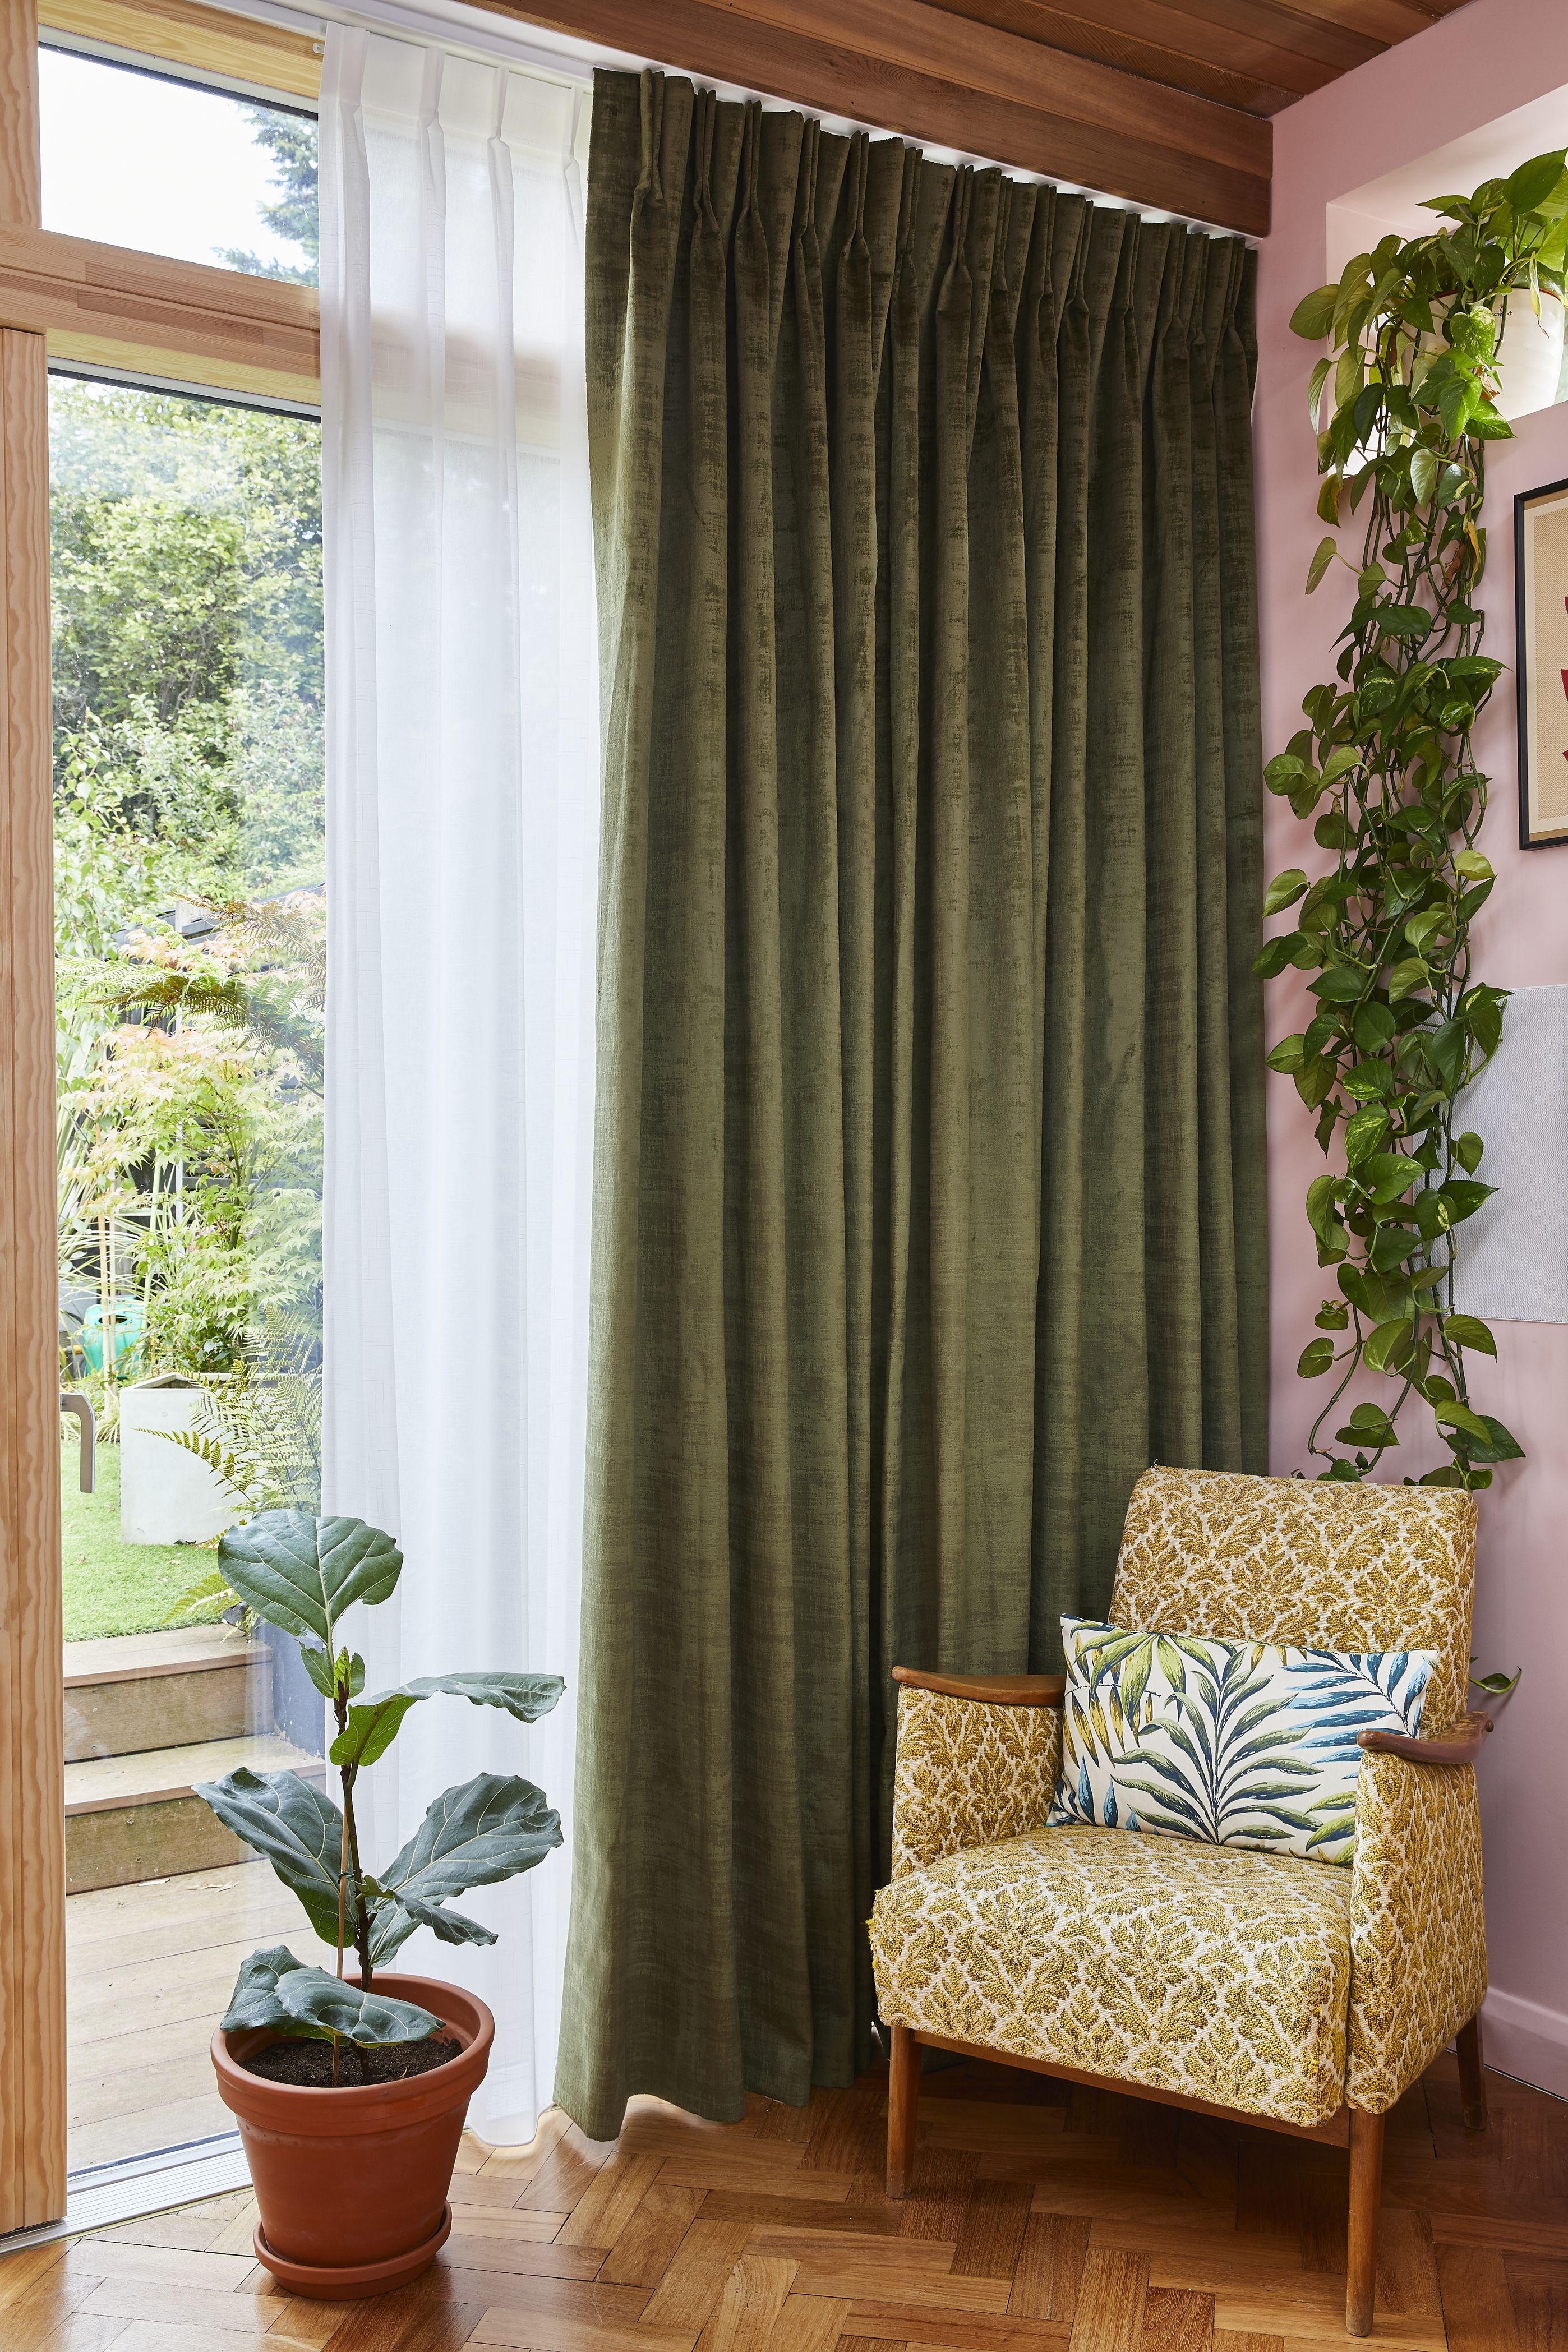 Green Velvet Curtains With White Voiles Green Curtains Living Room Living Room Design Green Curtains Living Room Modern